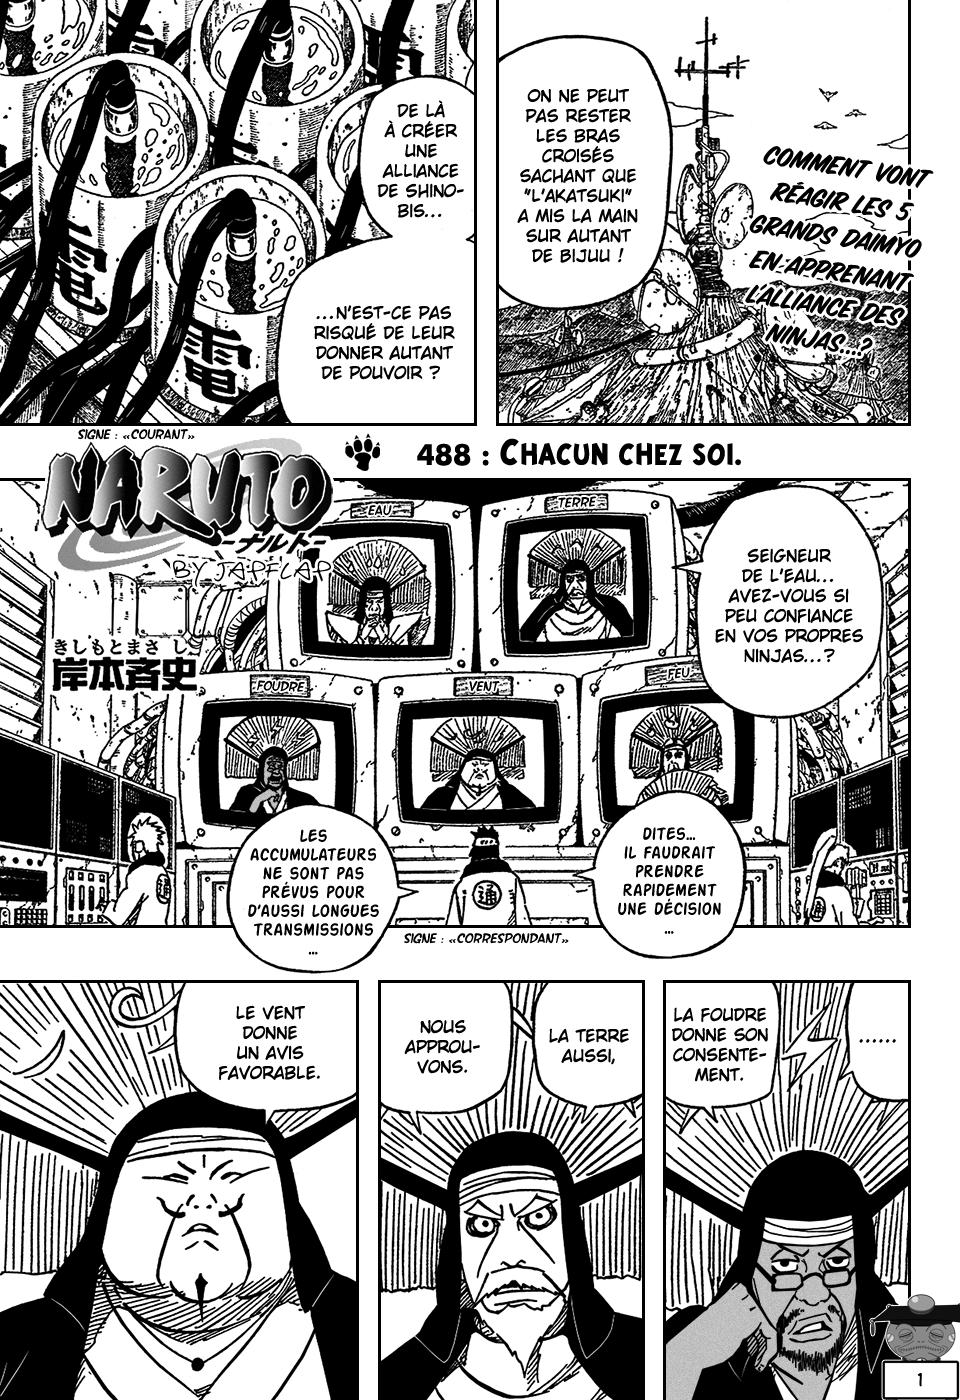 Naruto chapitre 488 - Page 1